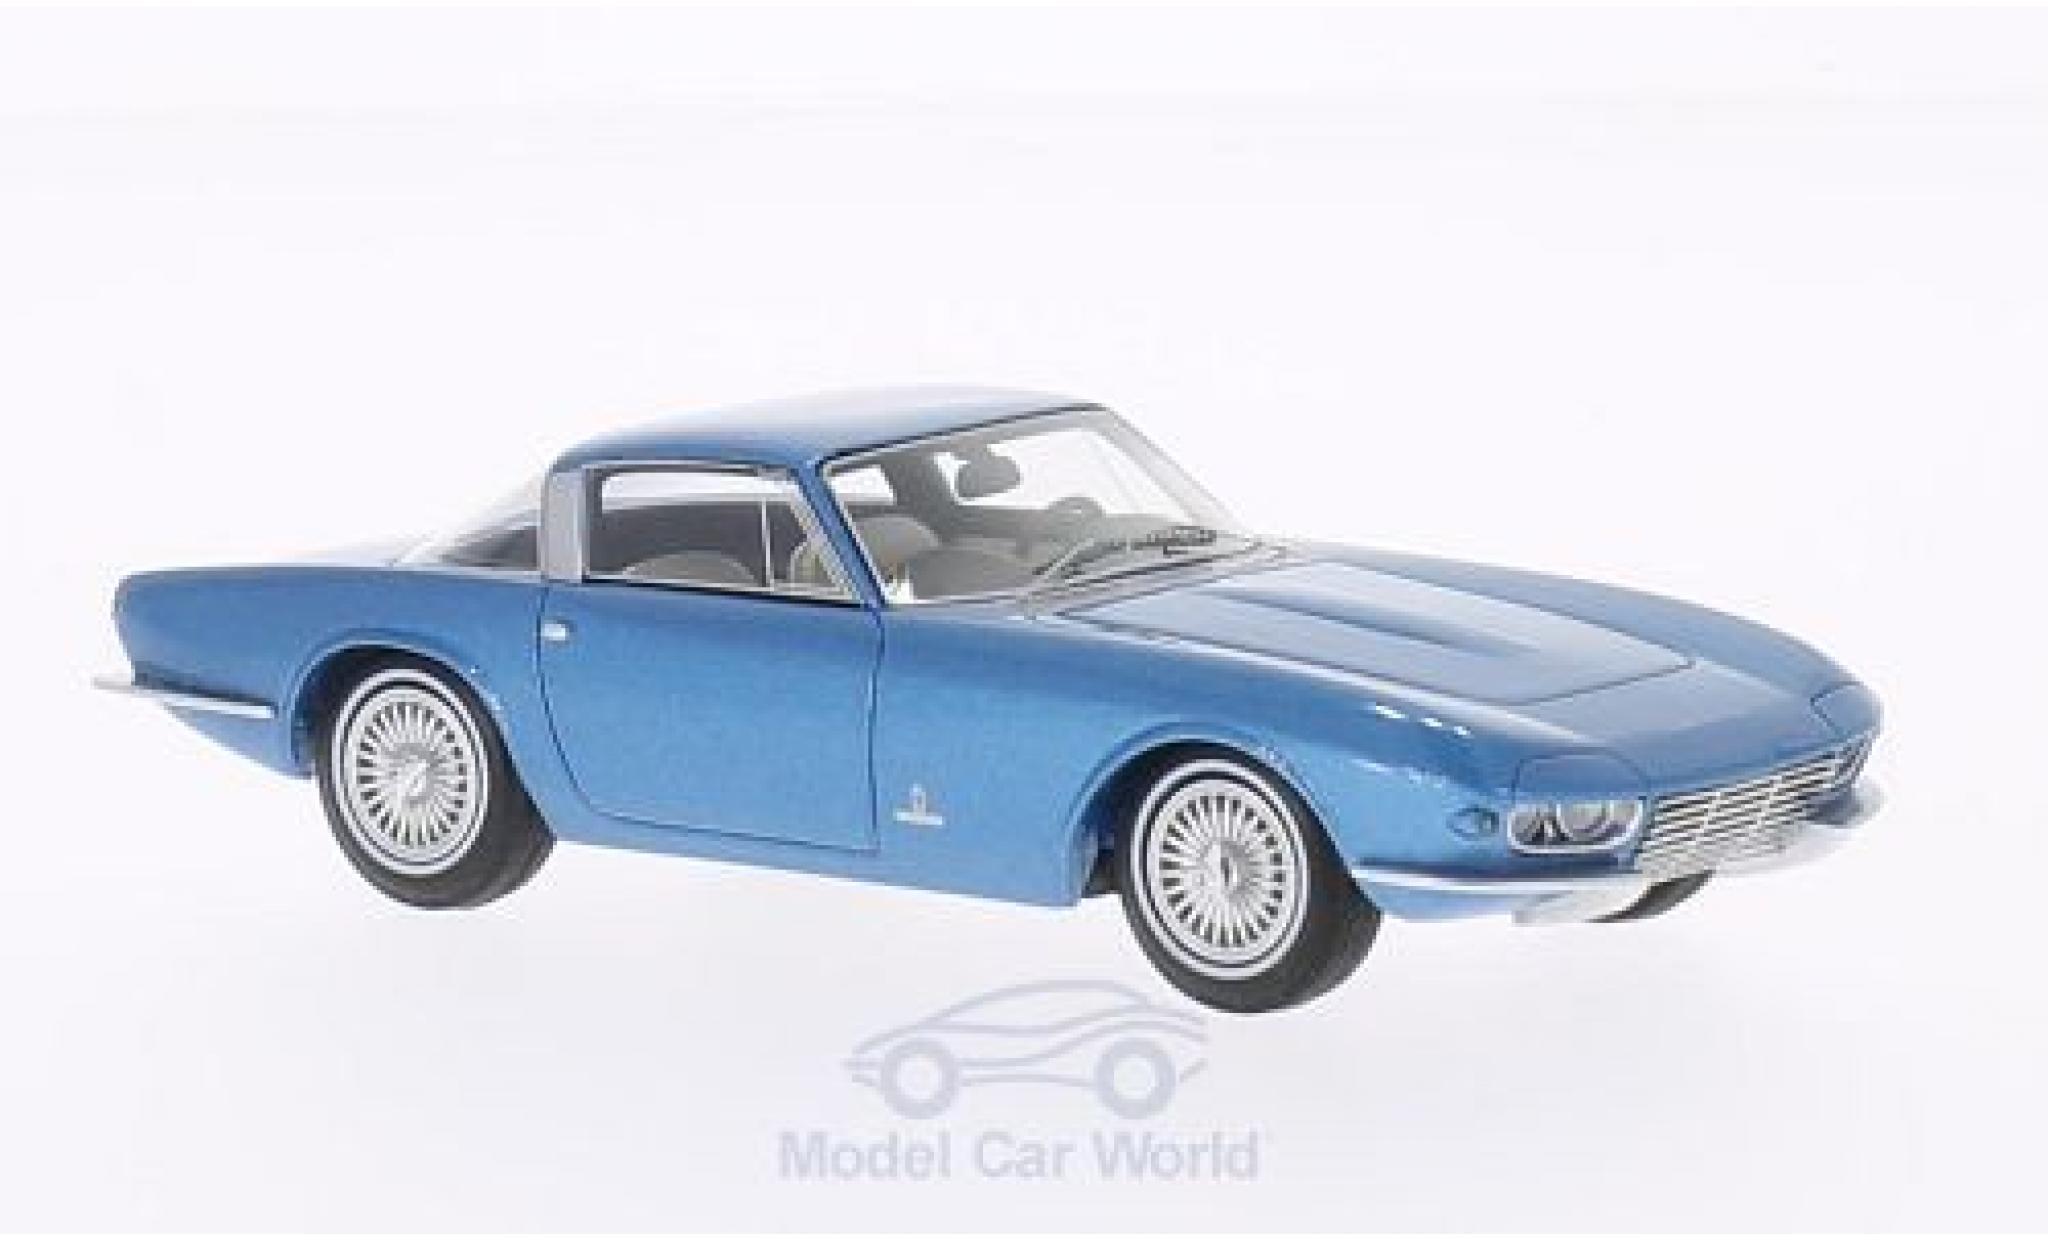 Chevrolet Corvette C2 1/43 BoS Models Rondine Pininfarina metallise blue 1963